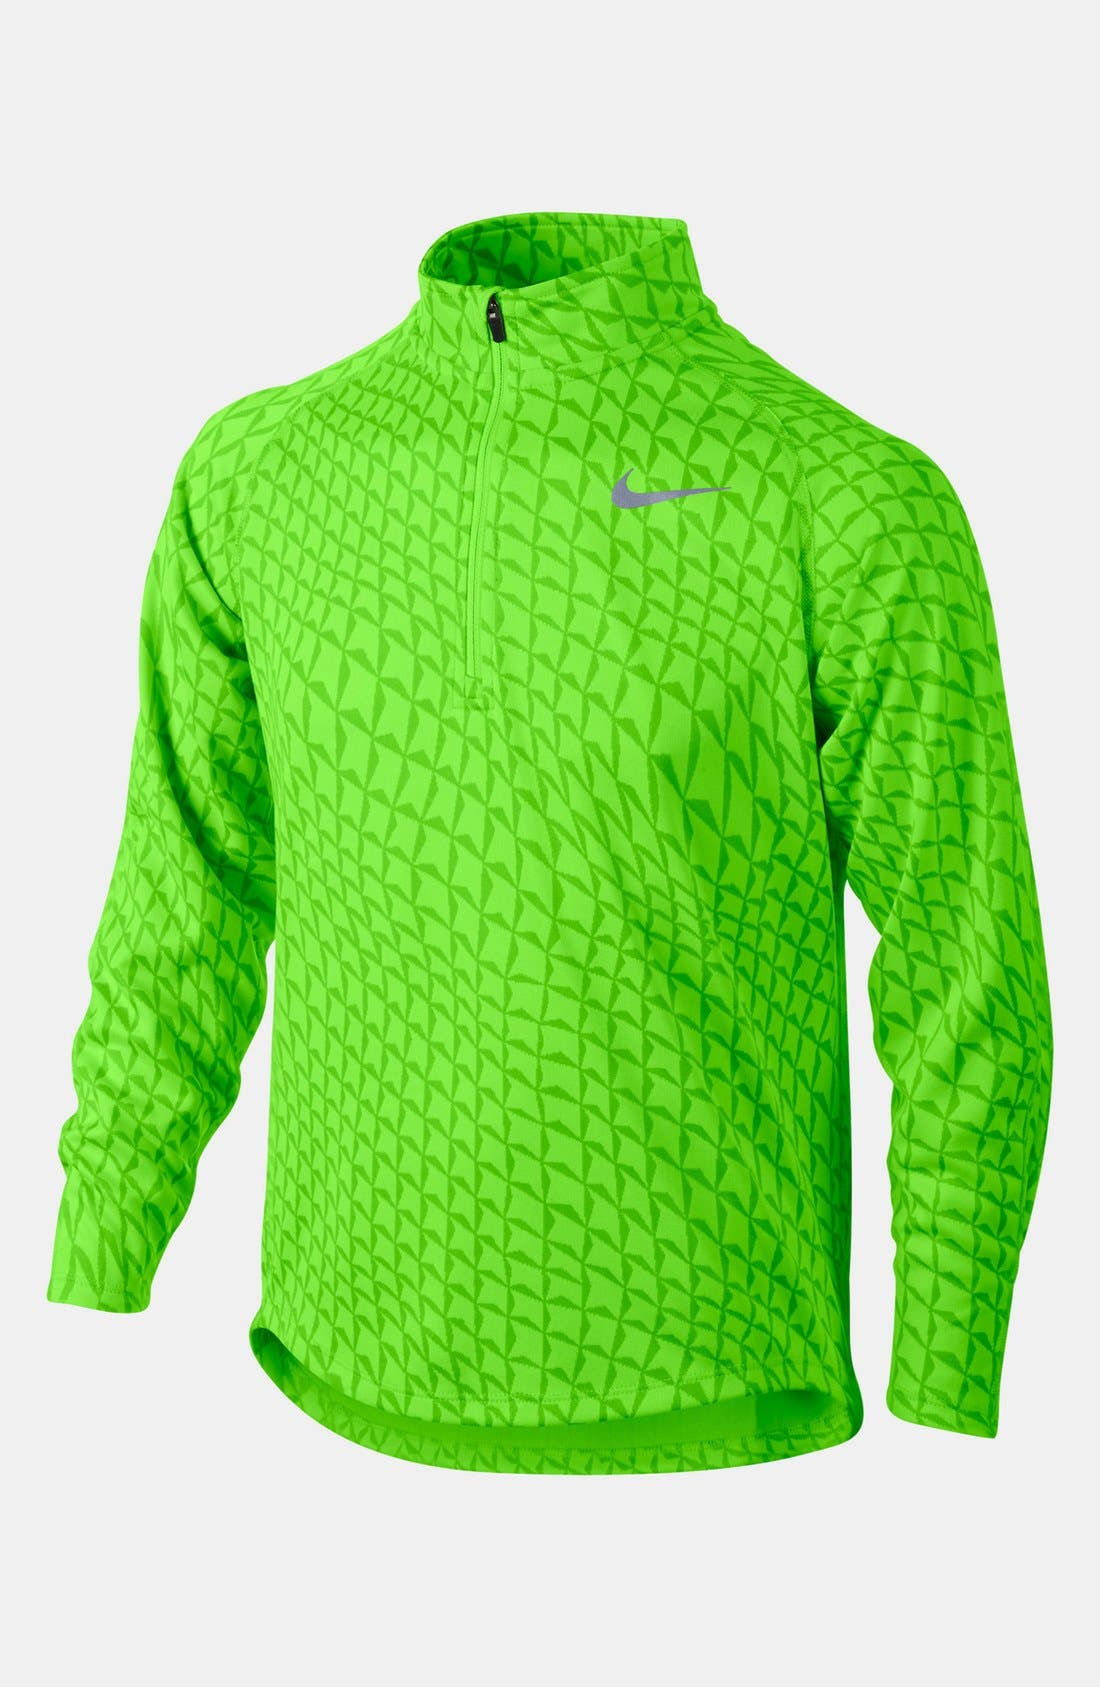 Alternate Image 1 Selected - Nike 'Element' Dri-FIT Half Zip Running Top (Big Boys)